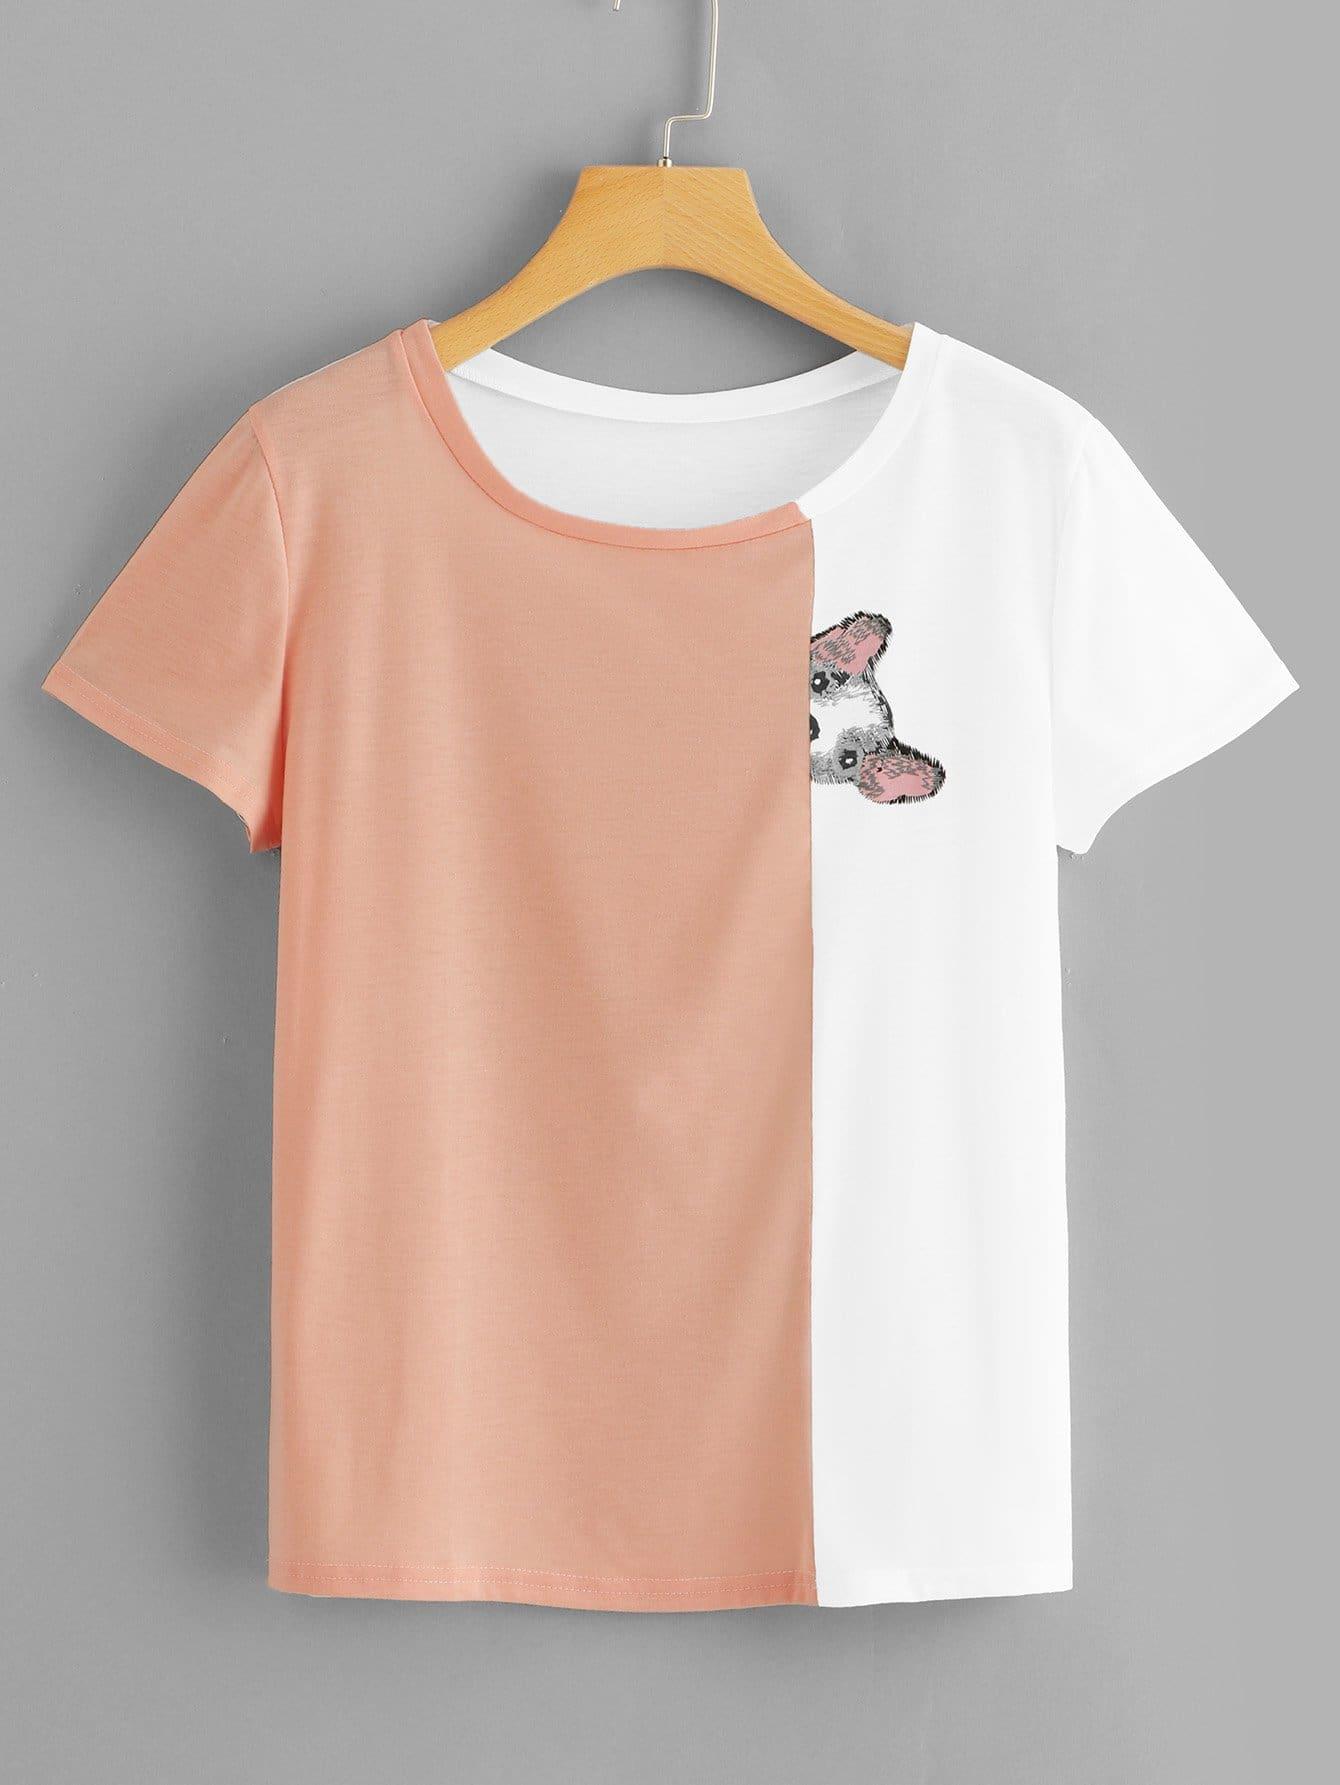 Купить Цветная кусковая футболка и с рисунком собаки, null, SheIn